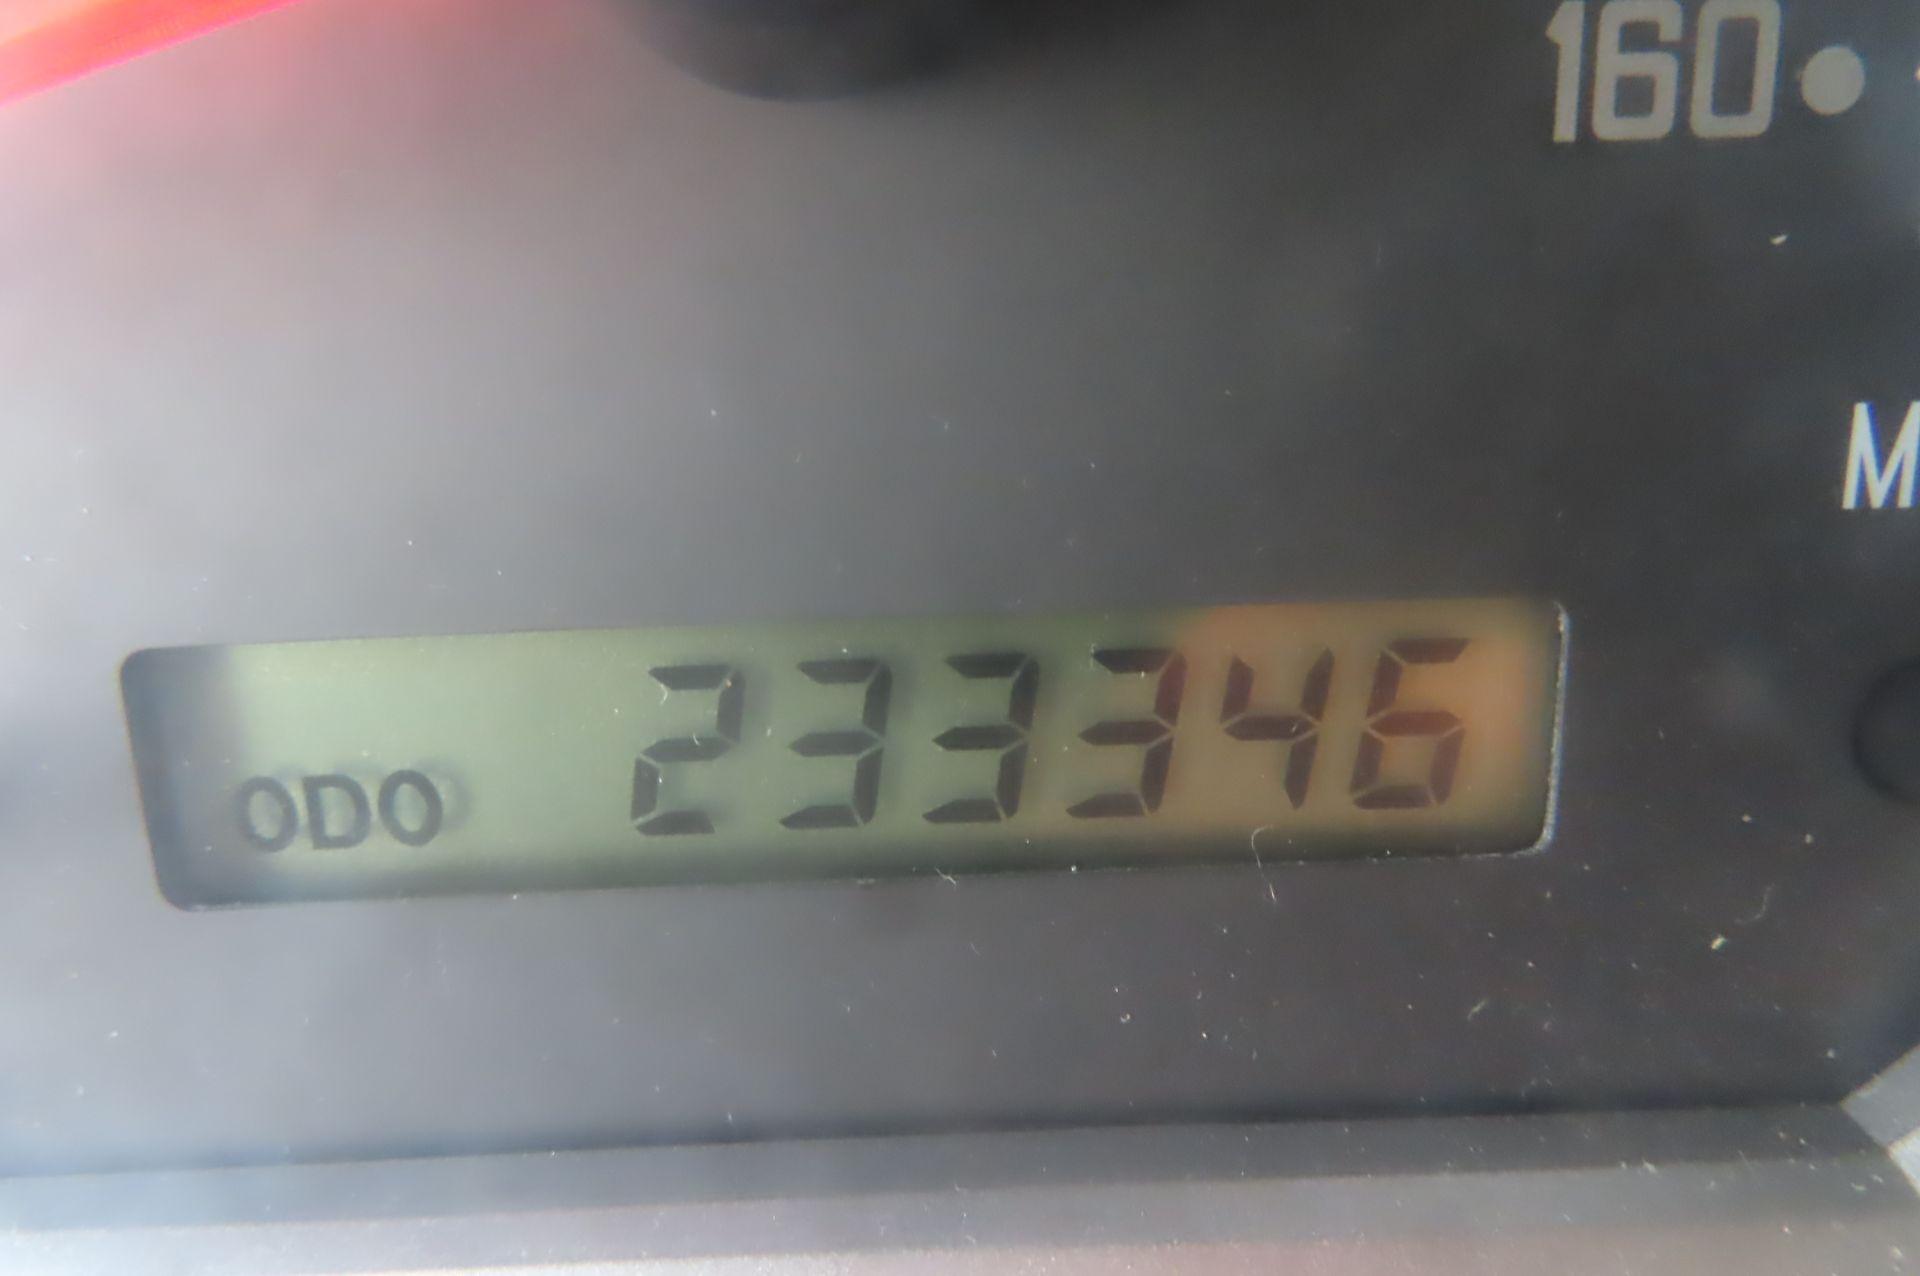 2012 Isuzu refrigerated truck - Image 10 of 10